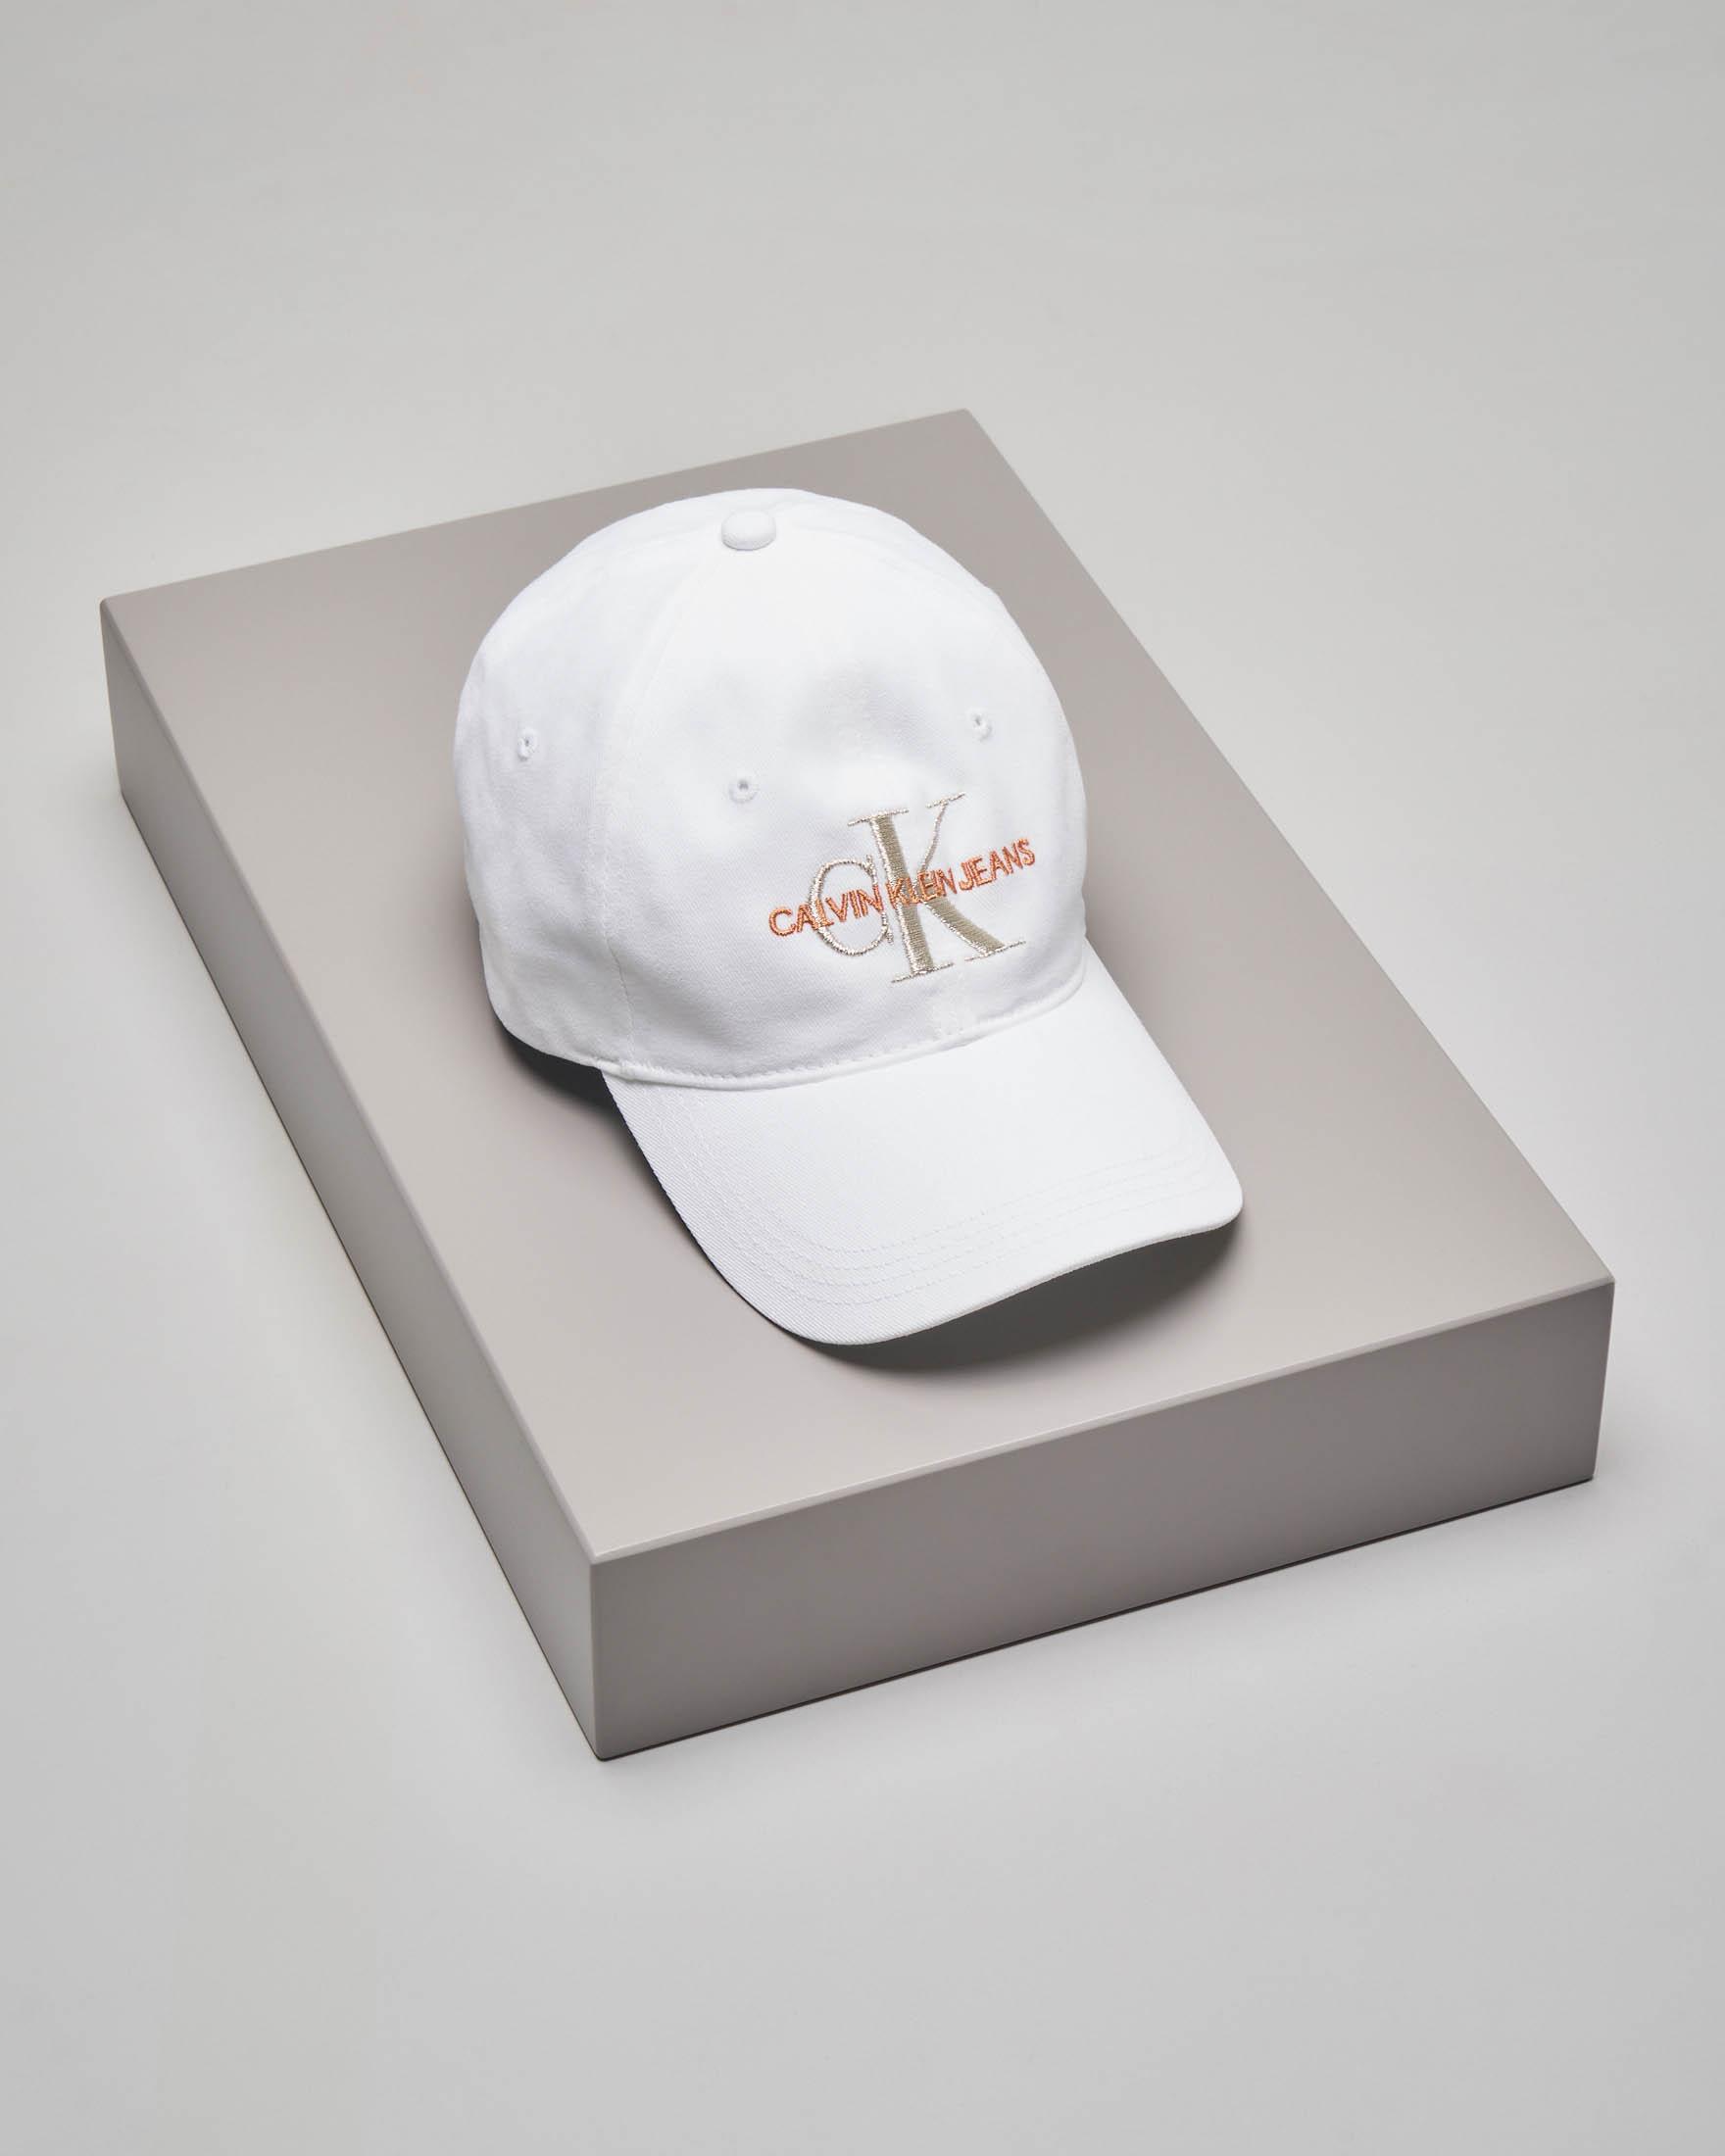 Cappellino bianco in cotone con frontalino e scritta logo a contrasto